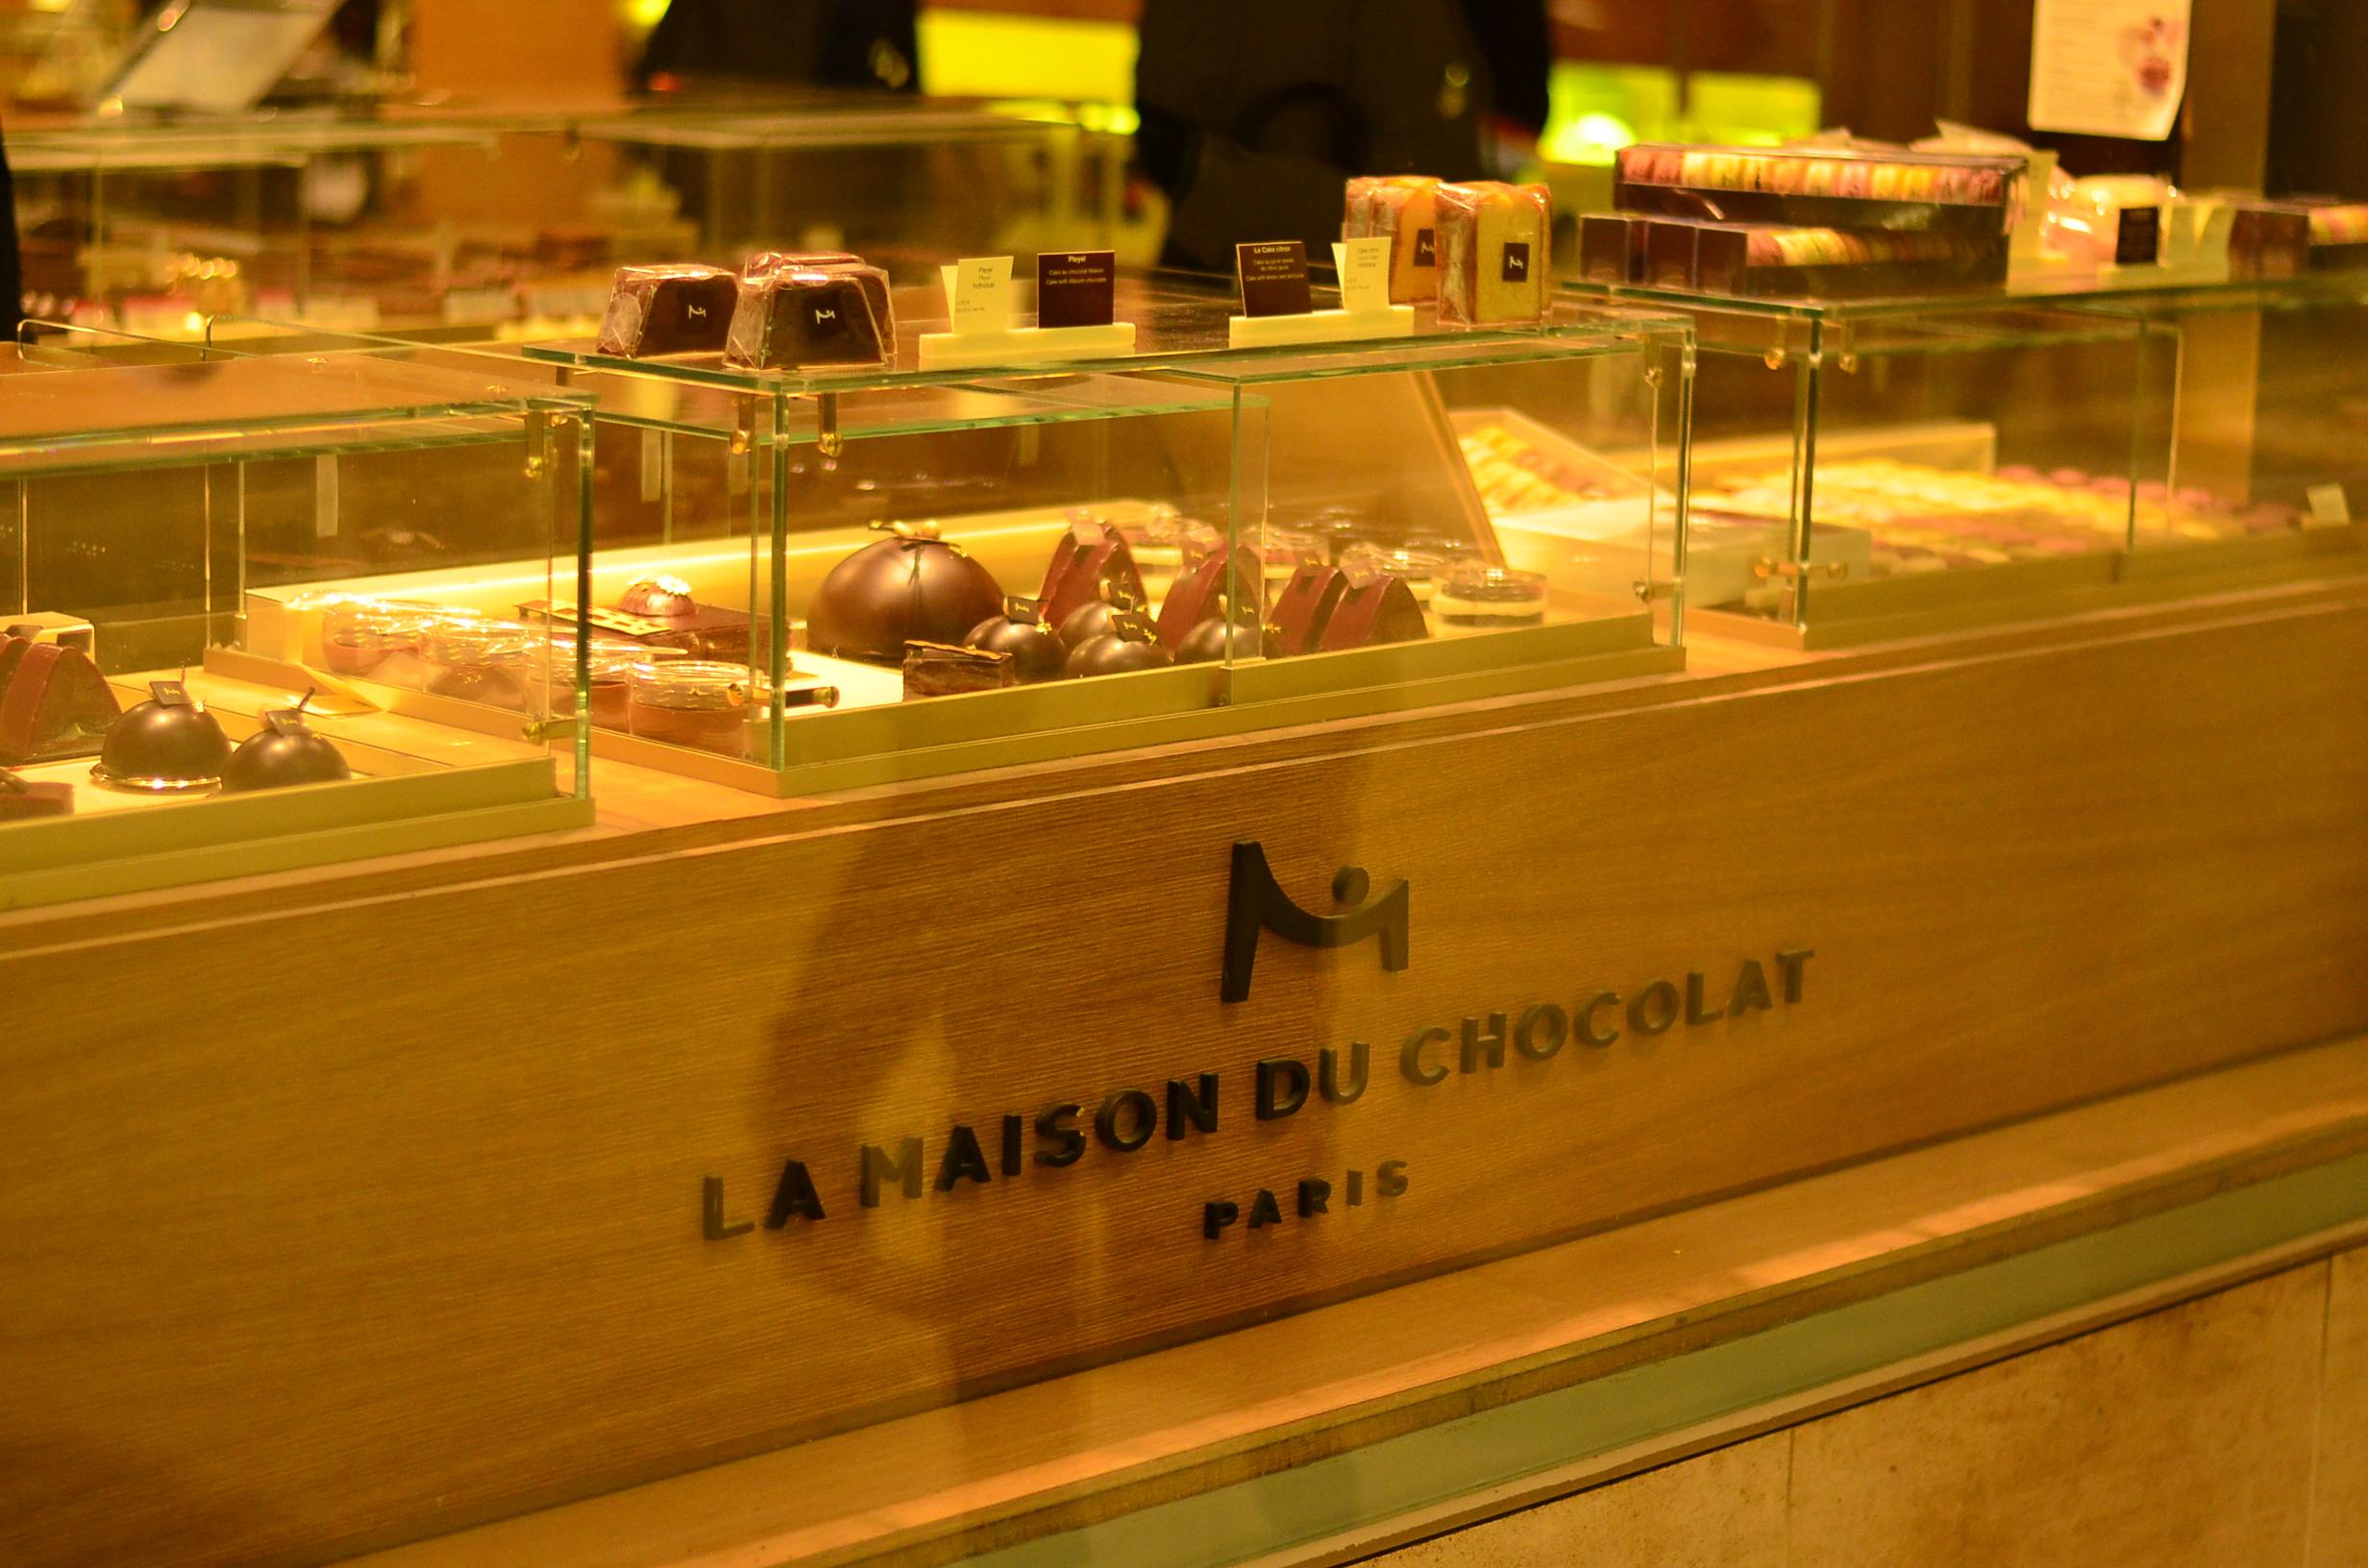 La maison du chocolat for Macarons la maison du chocolat